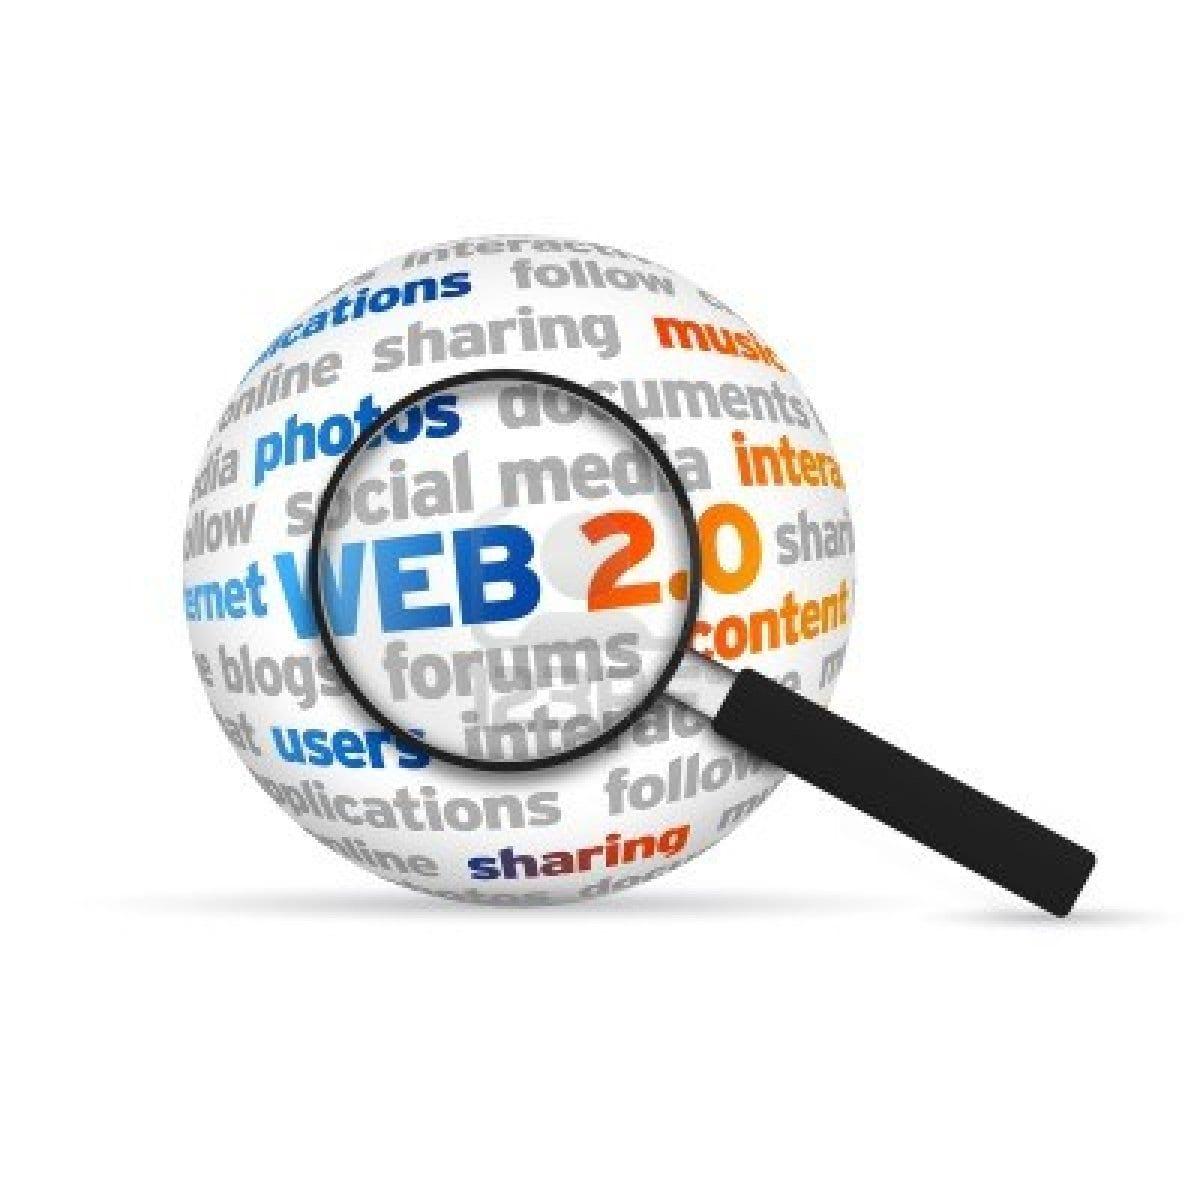 La unión del Social Media y la web 2.0